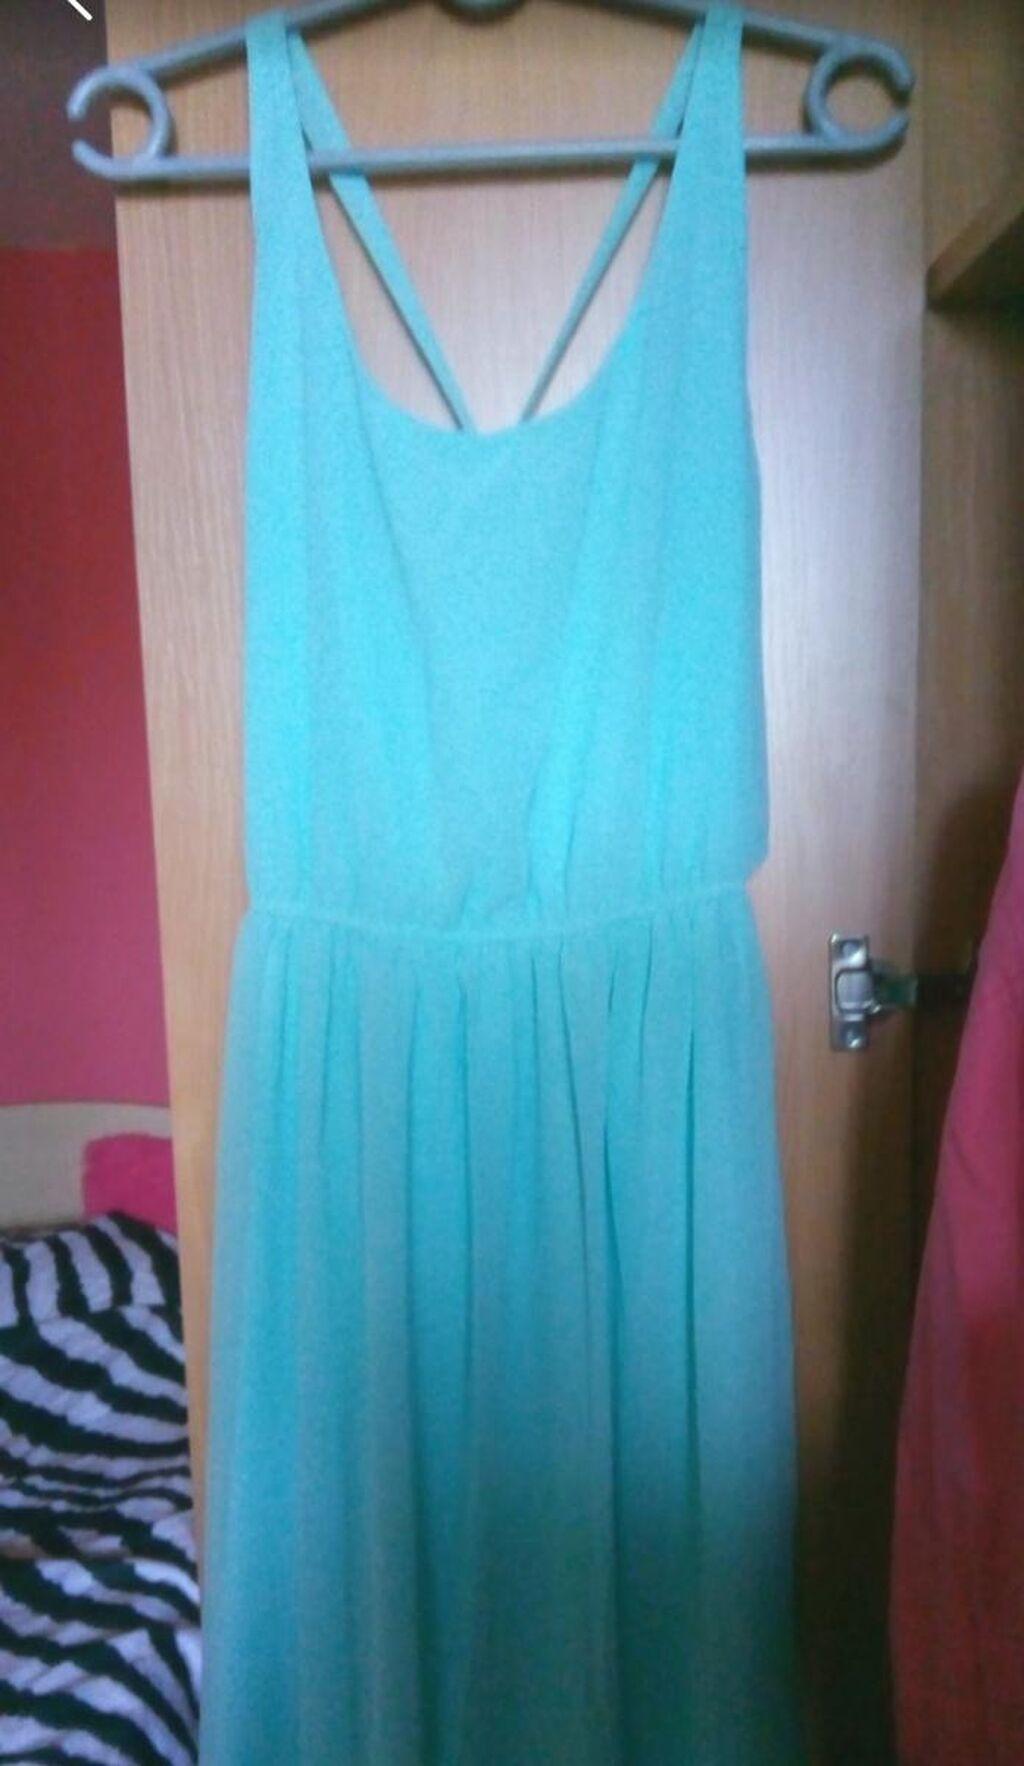 PullBear prelepa svetlo plava svecanija haljina